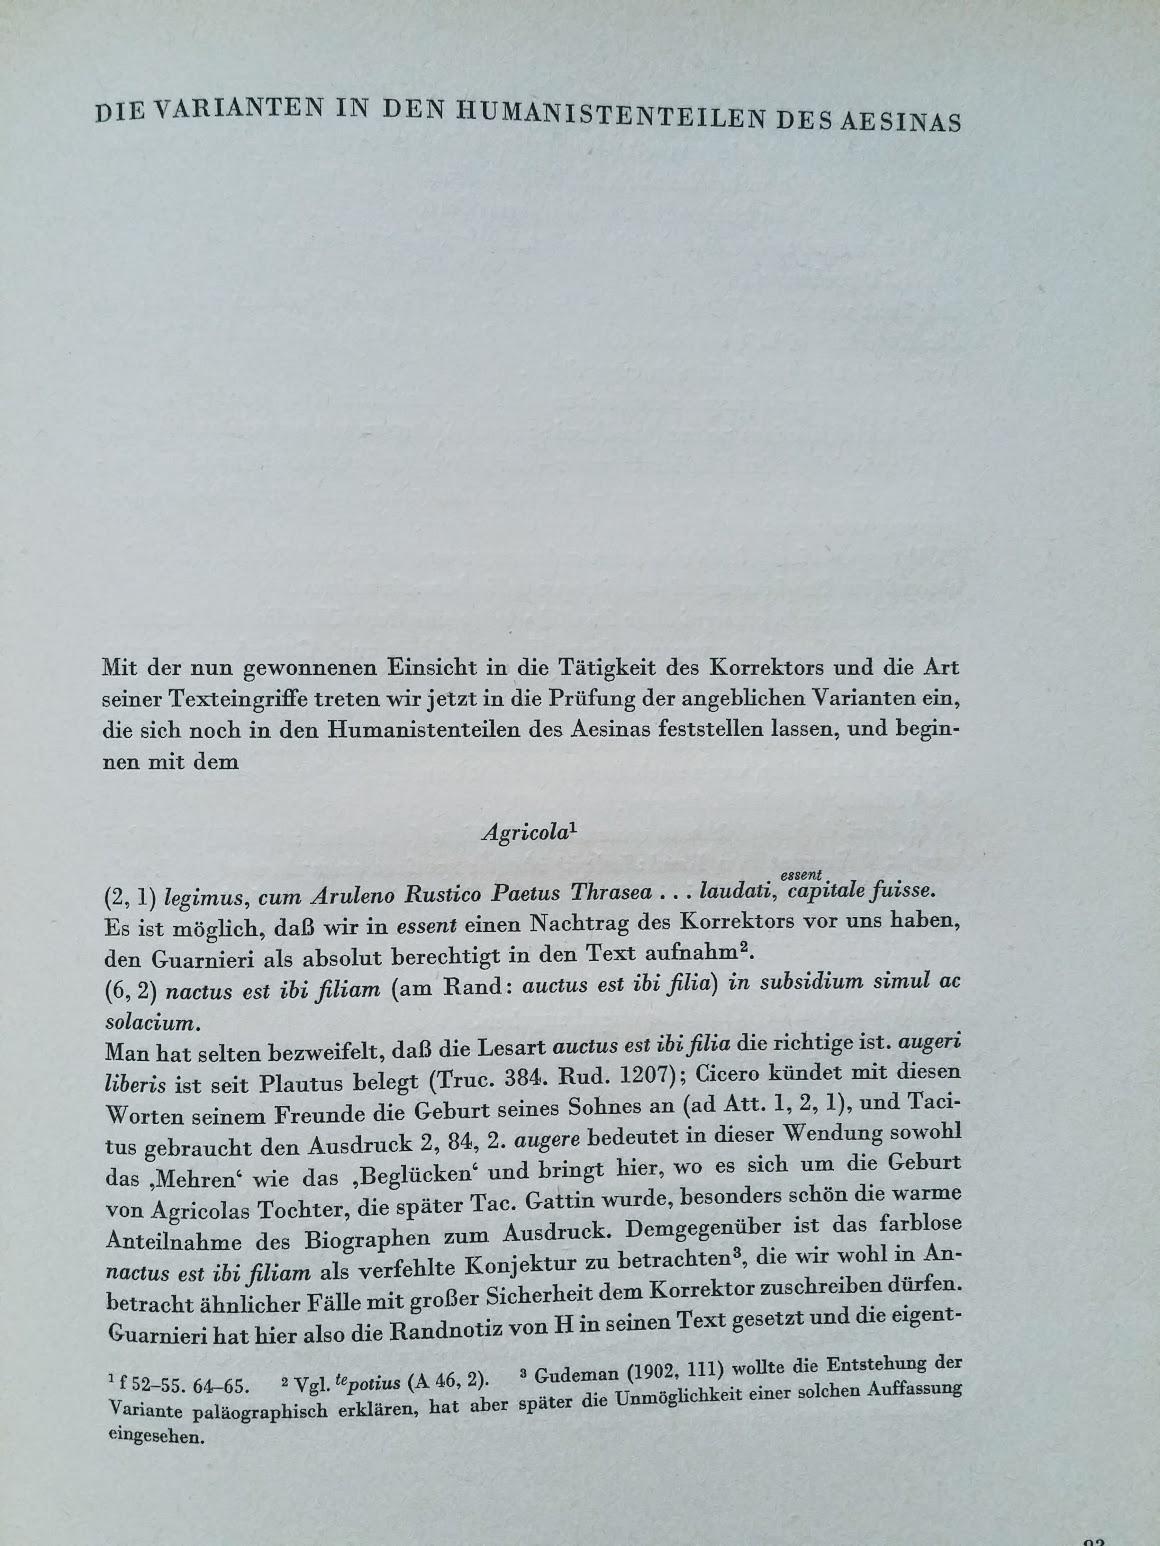 Tacitus - zu den Bräuchen und der Geschichte der Germanen, Ausgabe der Forschungsgemeinschaft Deutsches Ahnenerbe e.V., 1942